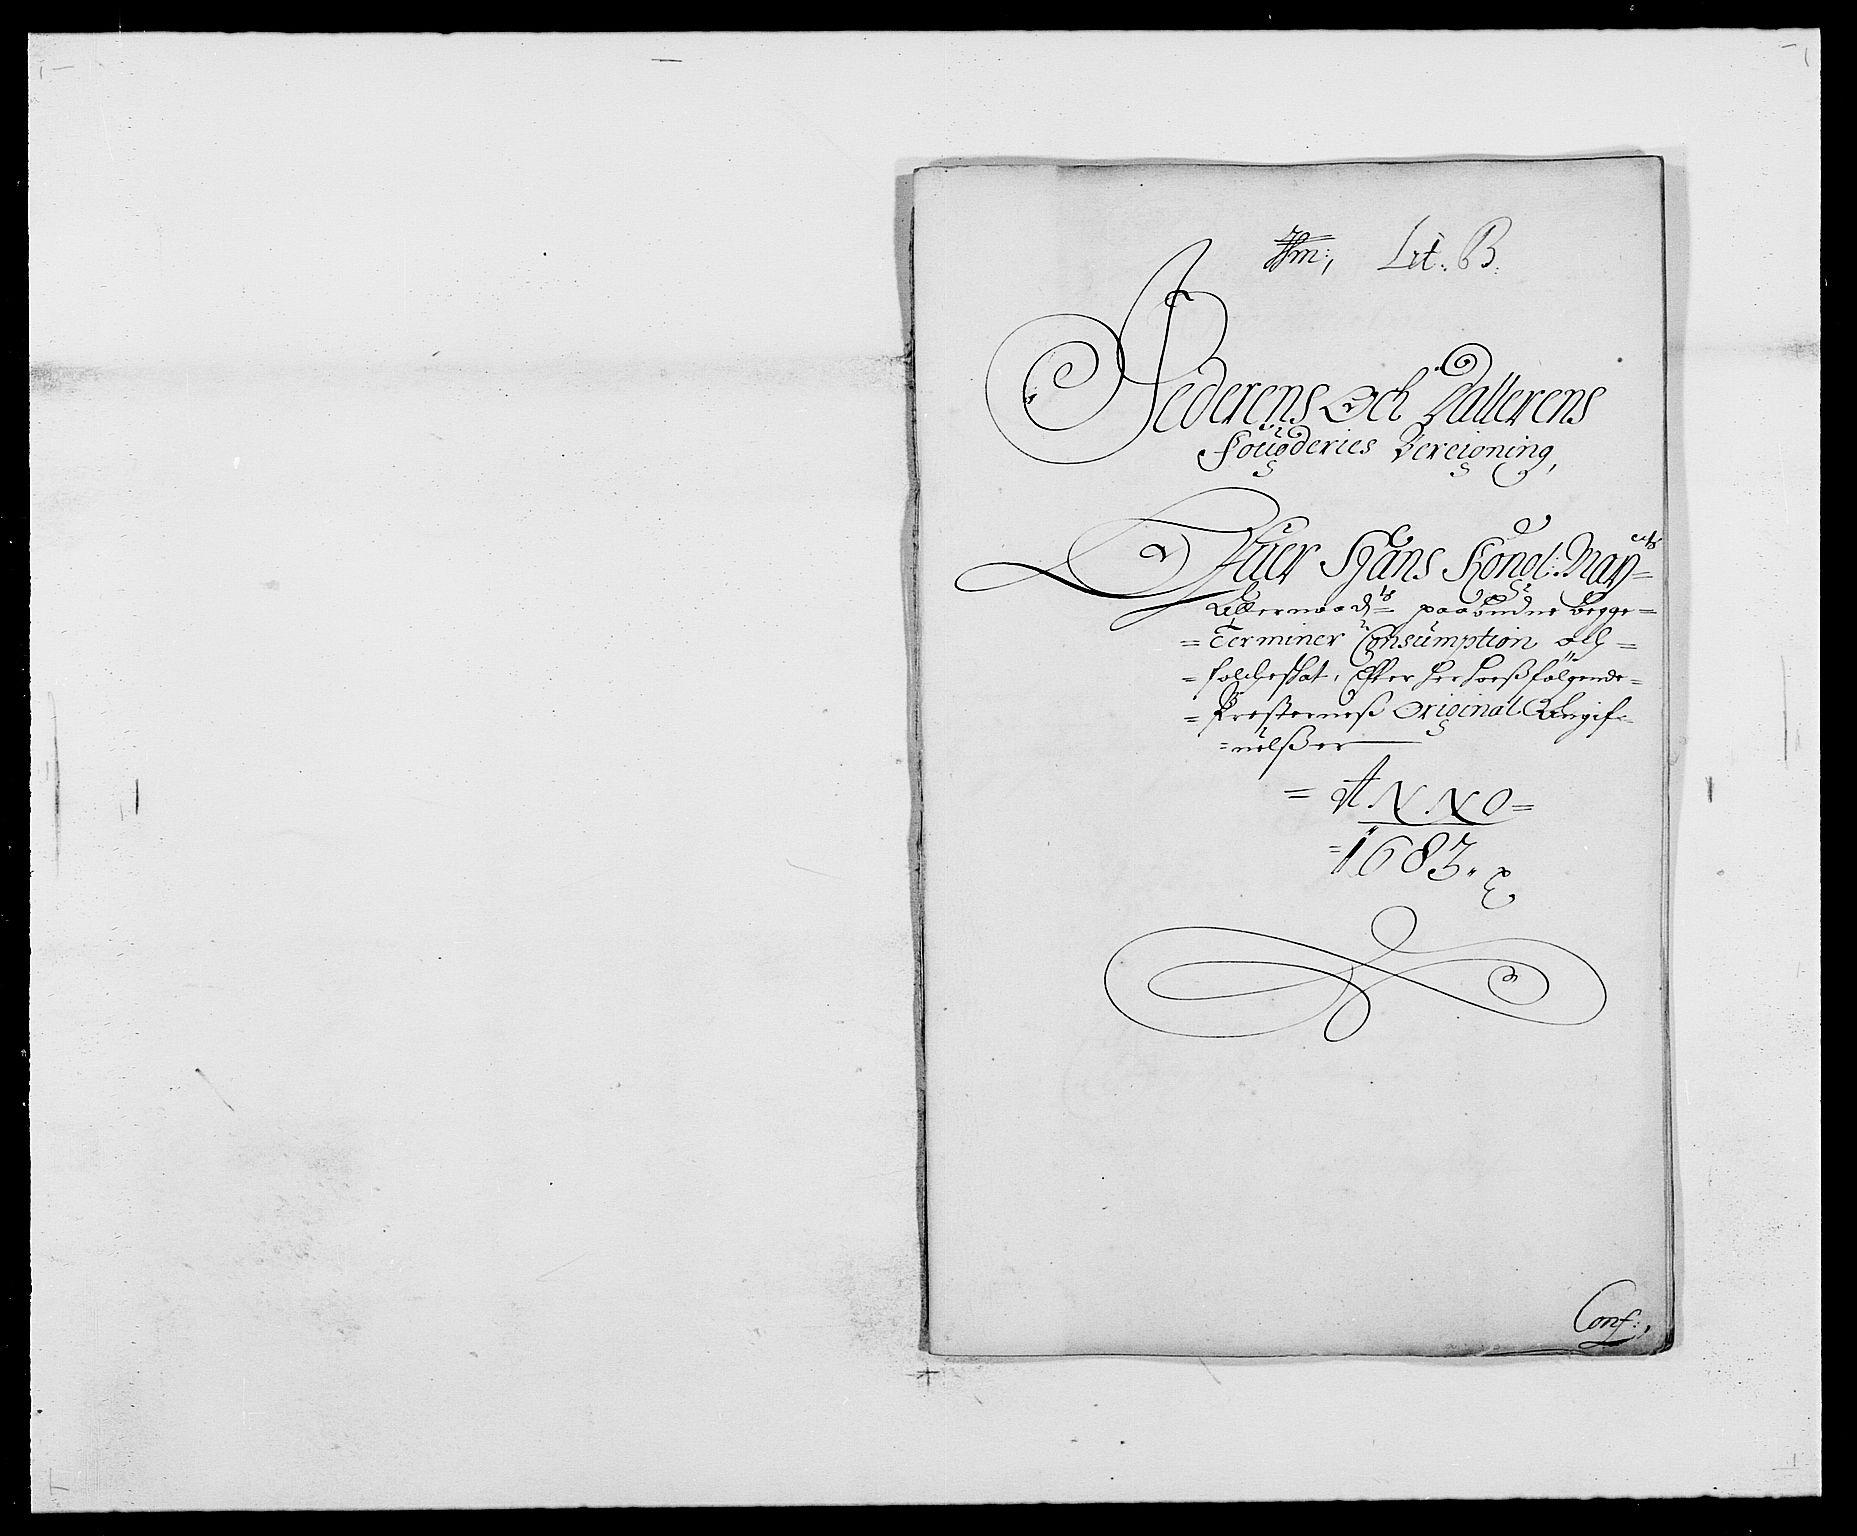 RA, Rentekammeret inntil 1814, Reviderte regnskaper, Fogderegnskap, R46/L2724: Fogderegnskap Jæren og Dalane, 1682-1684, s. 1